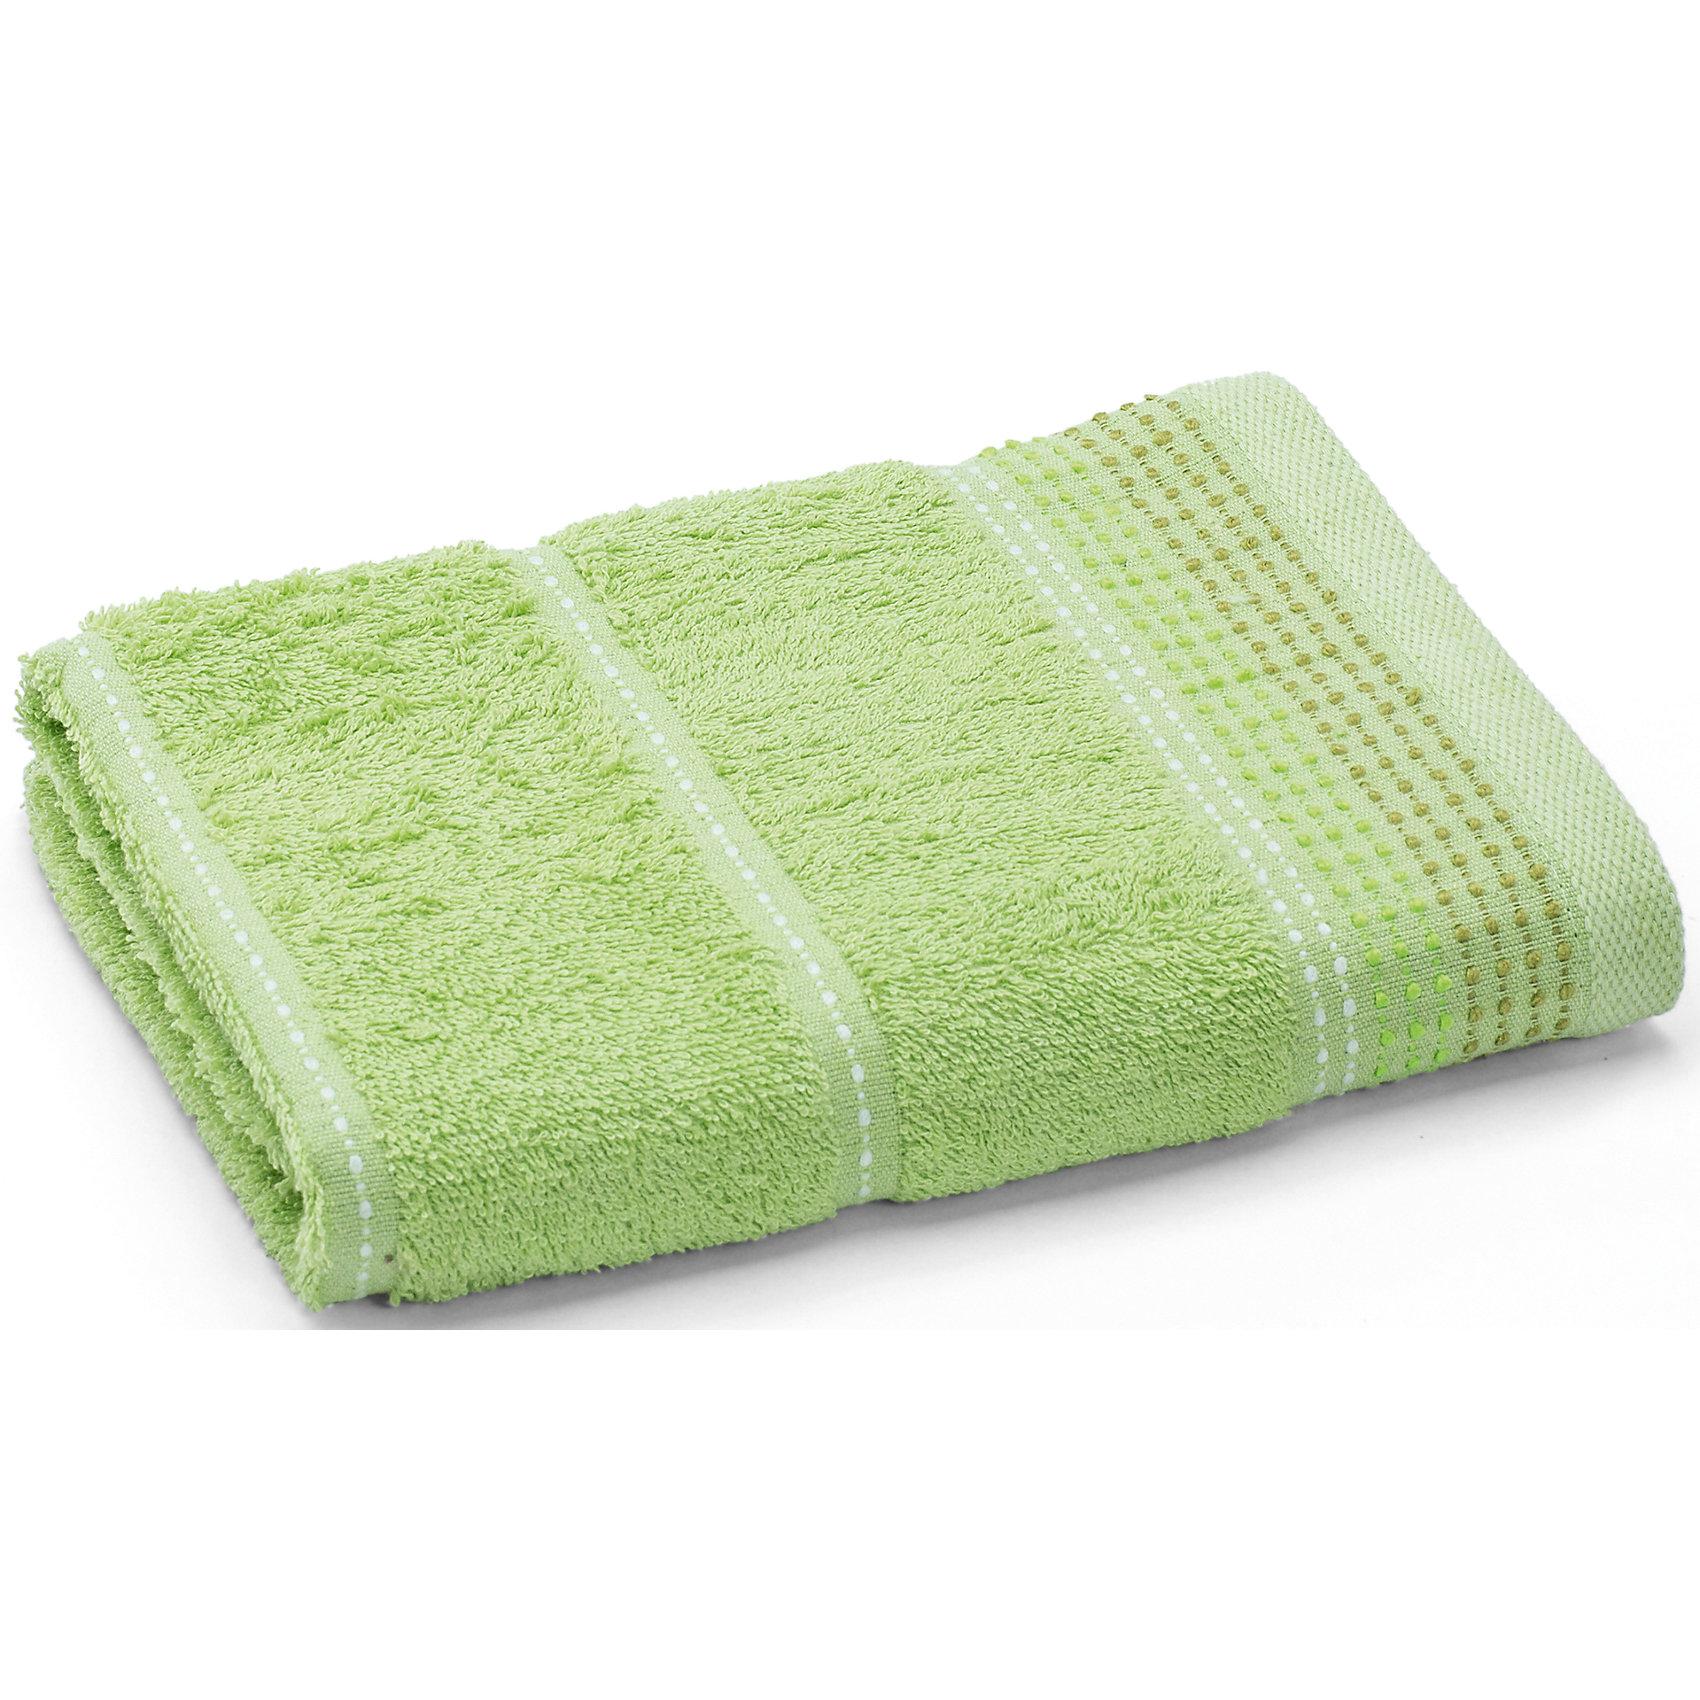 Полотенце махровое Клео 35*70, Любимый дом, зеленыйМахровое полотенце Клео очень мягкое и приятное телу. Оно изготовлено из качественного хлопка, отлично впитывает влагу. Полотенце украшено контрастной вышивкой по краю. Отлично впишется в вашу ванную комнату.<br><br>Дополнительная информация:<br>Материал: 100% хлопок<br>Цвет: зеленый<br>Размер: 35х70 см<br>Торговая марка: Любимый дом<br><br>Вы можете приобрести махровое полотенце Клео в нашем интернет-магазине.<br><br>Ширина мм: 500<br>Глубина мм: 500<br>Высота мм: 200<br>Вес г: 100<br>Возраст от месяцев: 0<br>Возраст до месяцев: 144<br>Пол: Унисекс<br>Возраст: Детский<br>SKU: 5010919